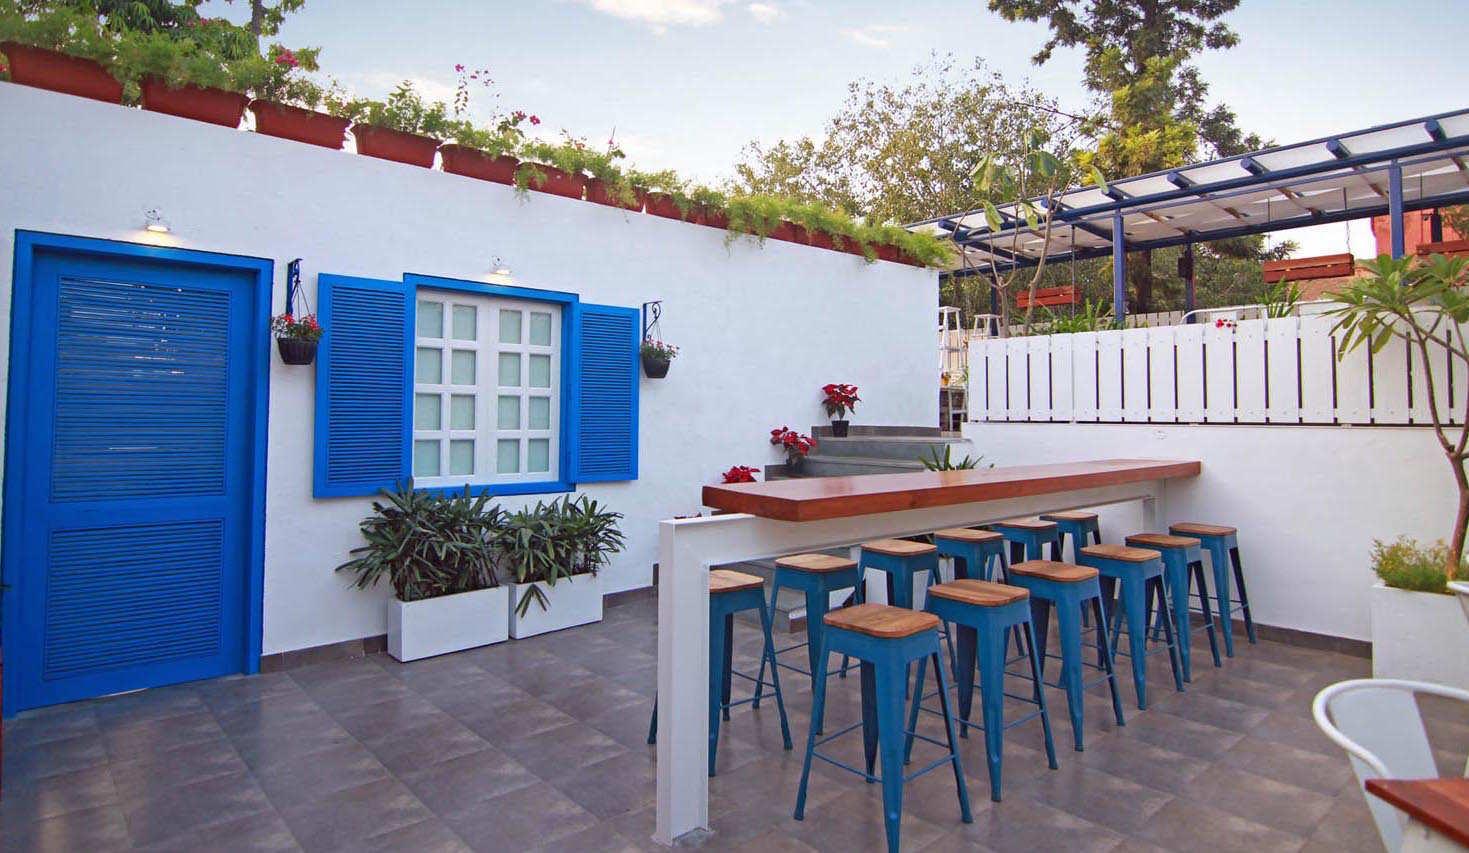 Jai'Pour Cafe & Bar